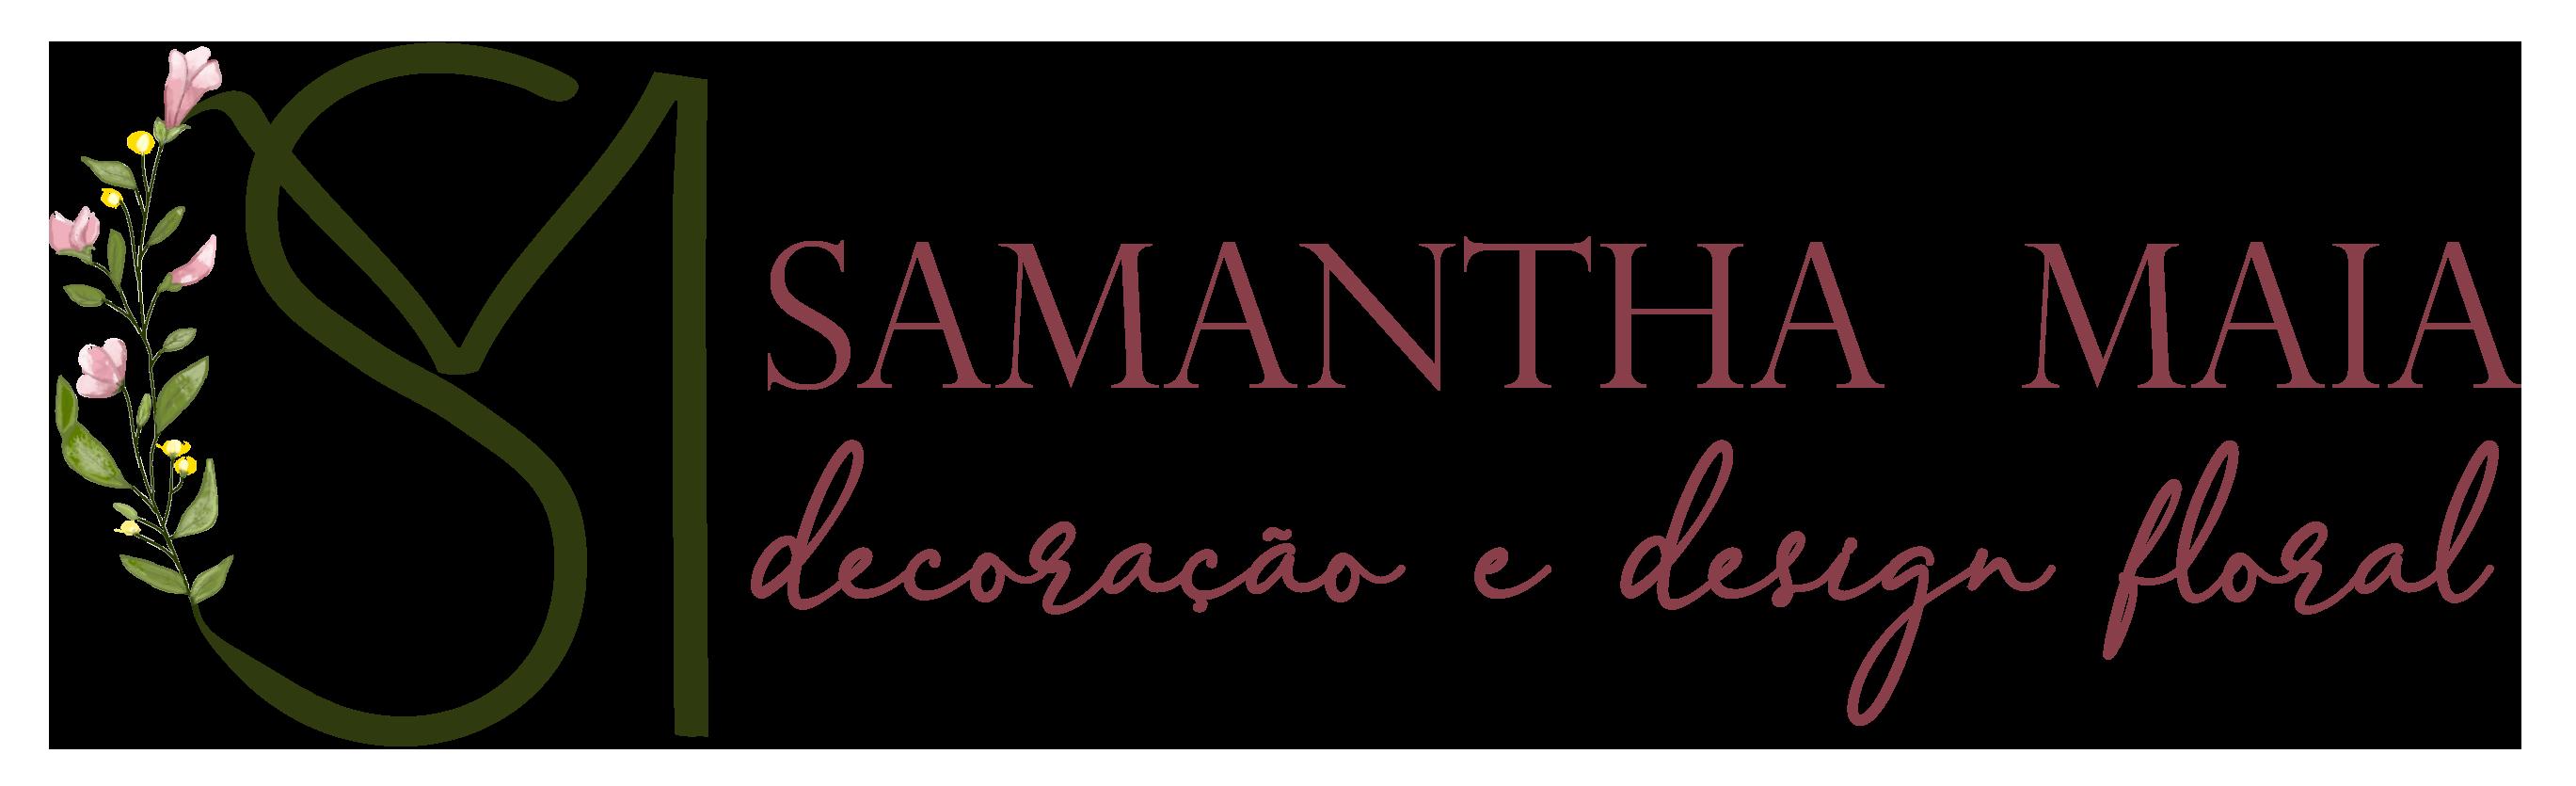 Samantha Maia Logo